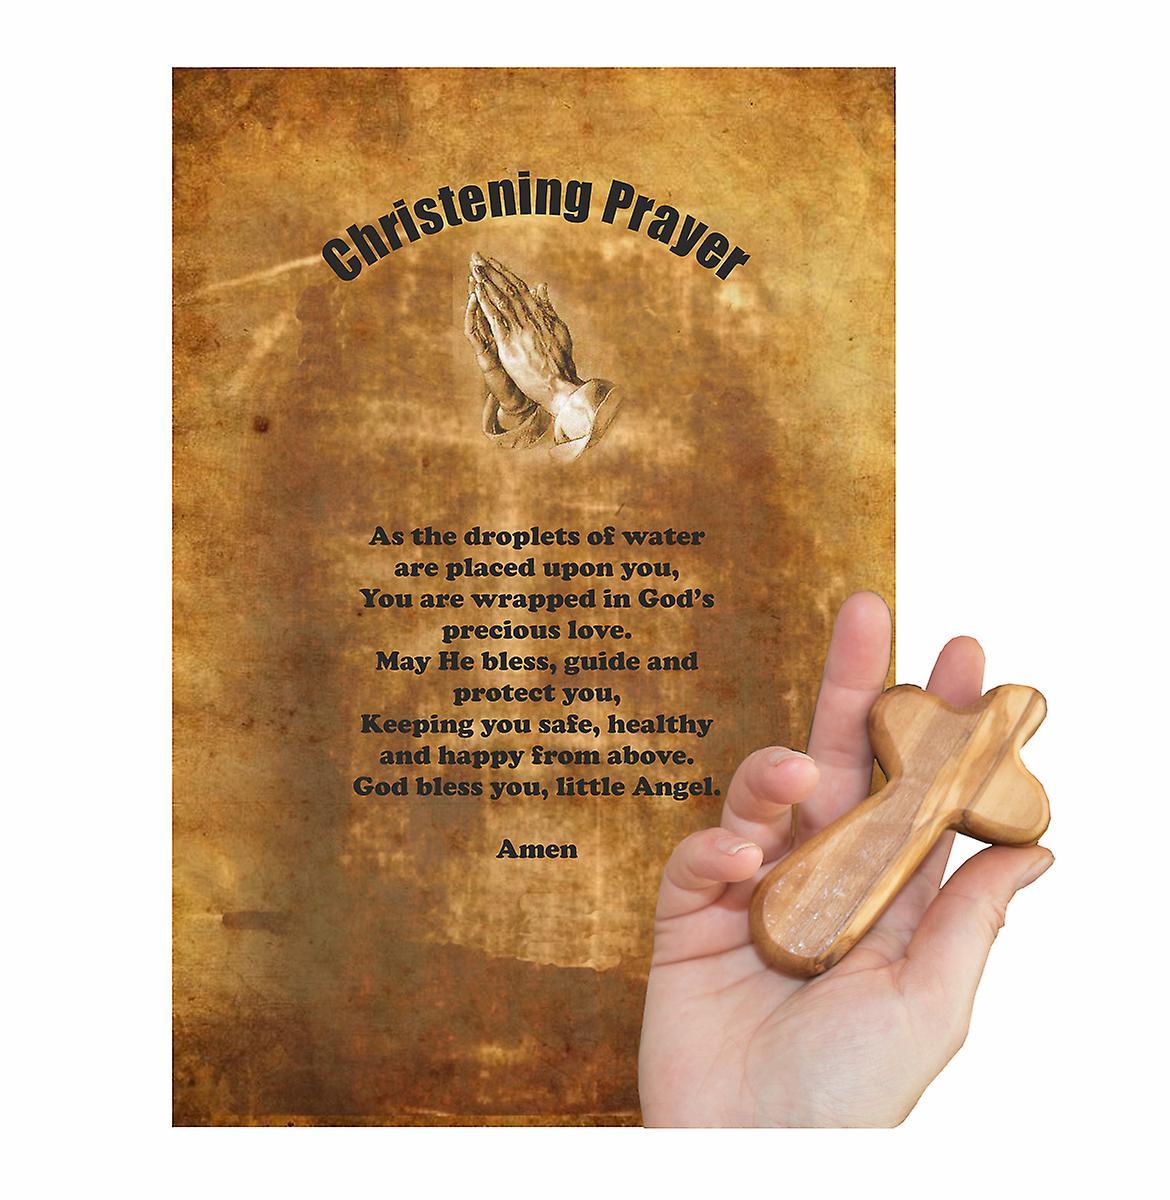 Christening Prayer Carved Olive Wood Comfort Cross Religious Keepsake Hand Made In Bethlehem